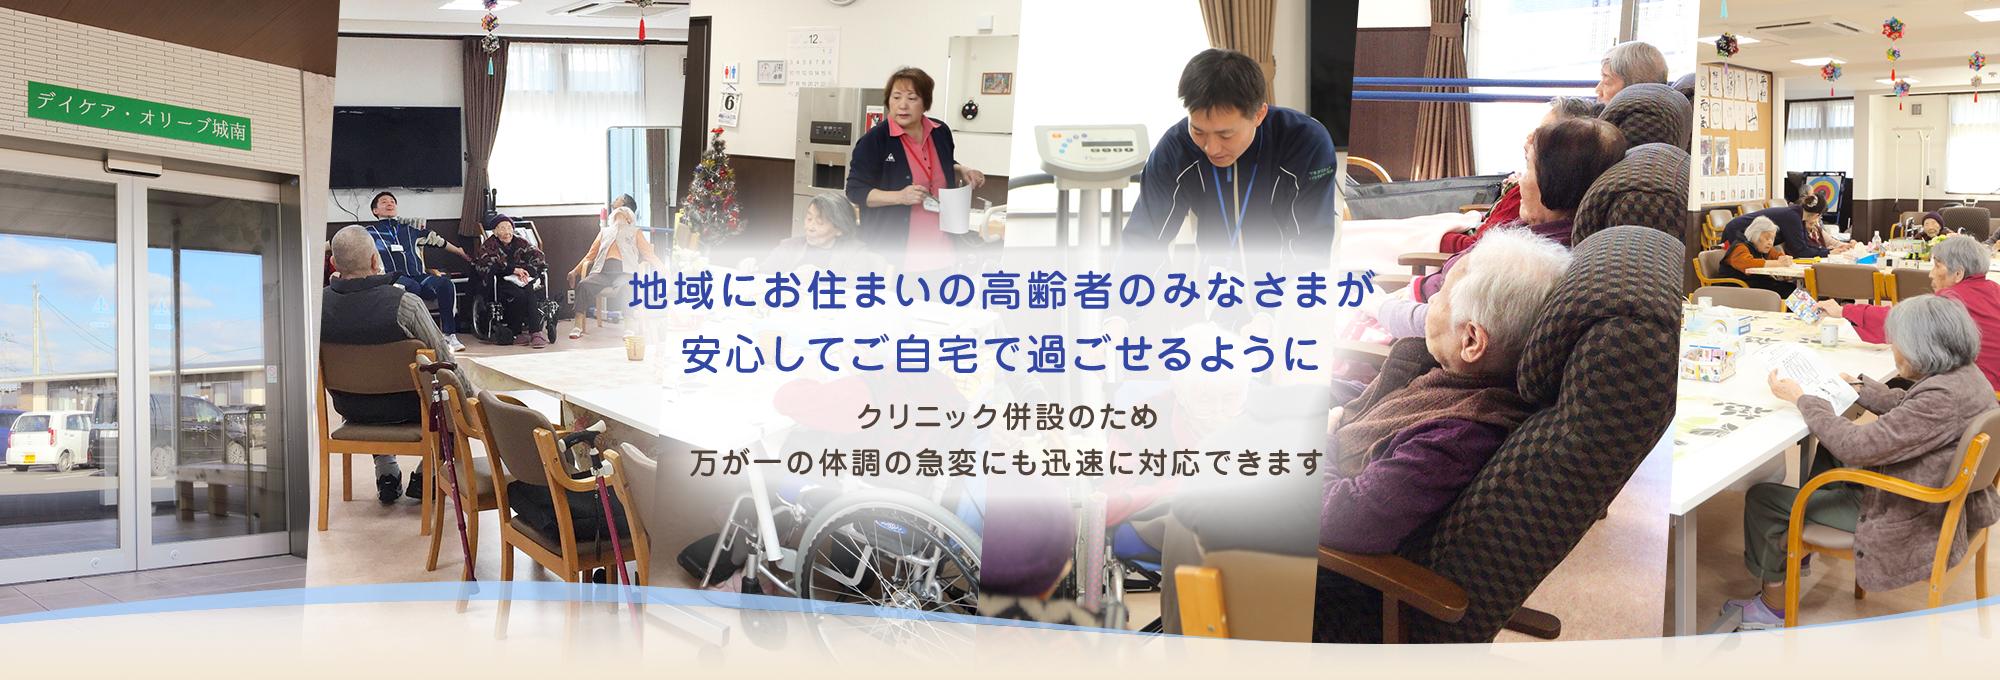 地域にお住まいの高齢者のみなさまが安心してご自宅で過ごせるように クリニック併設のため万が一の体調の急変にも迅速に対応できます